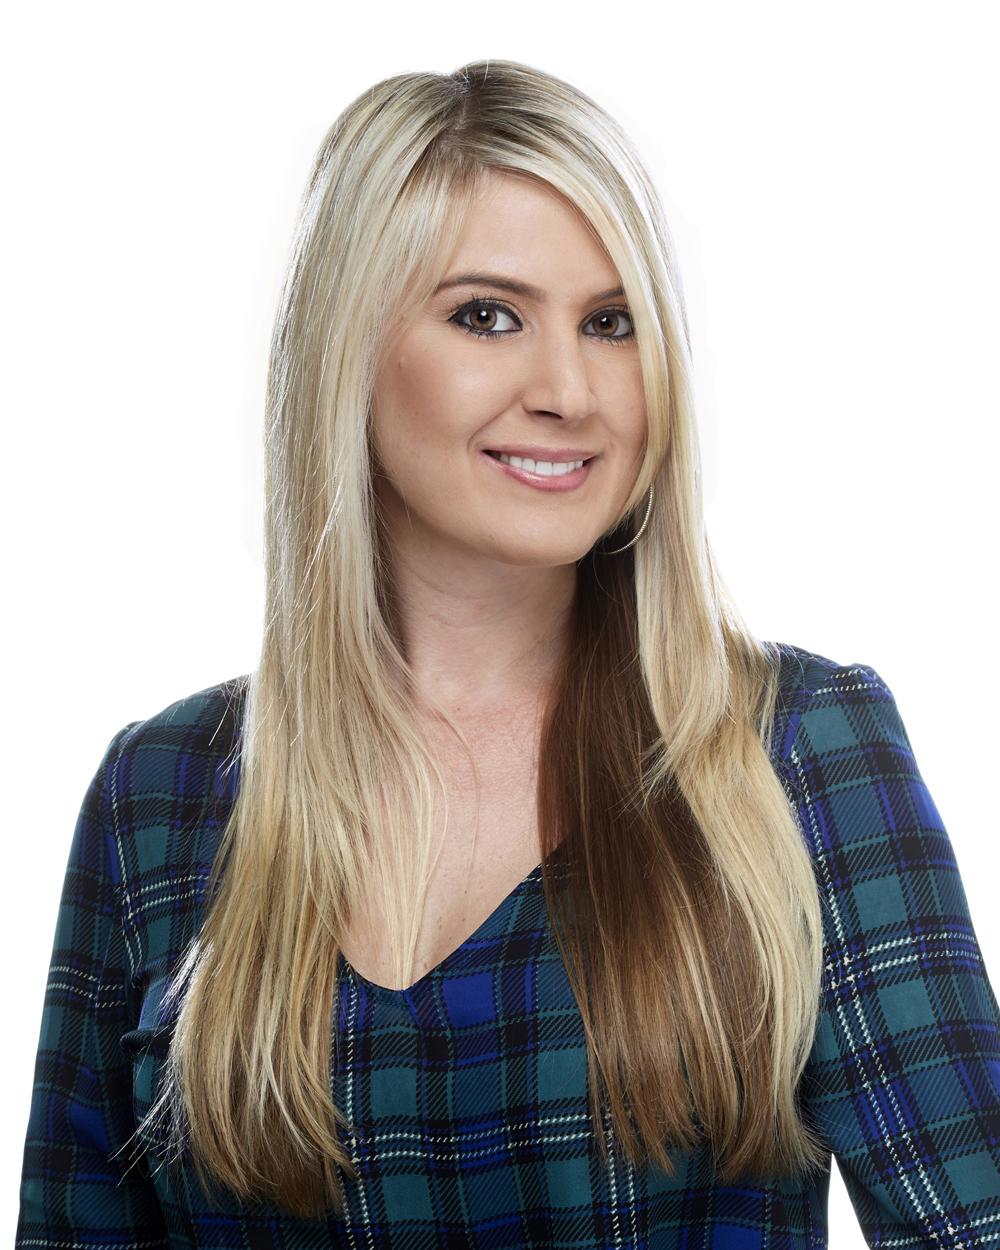 Lauren-ellermeyer